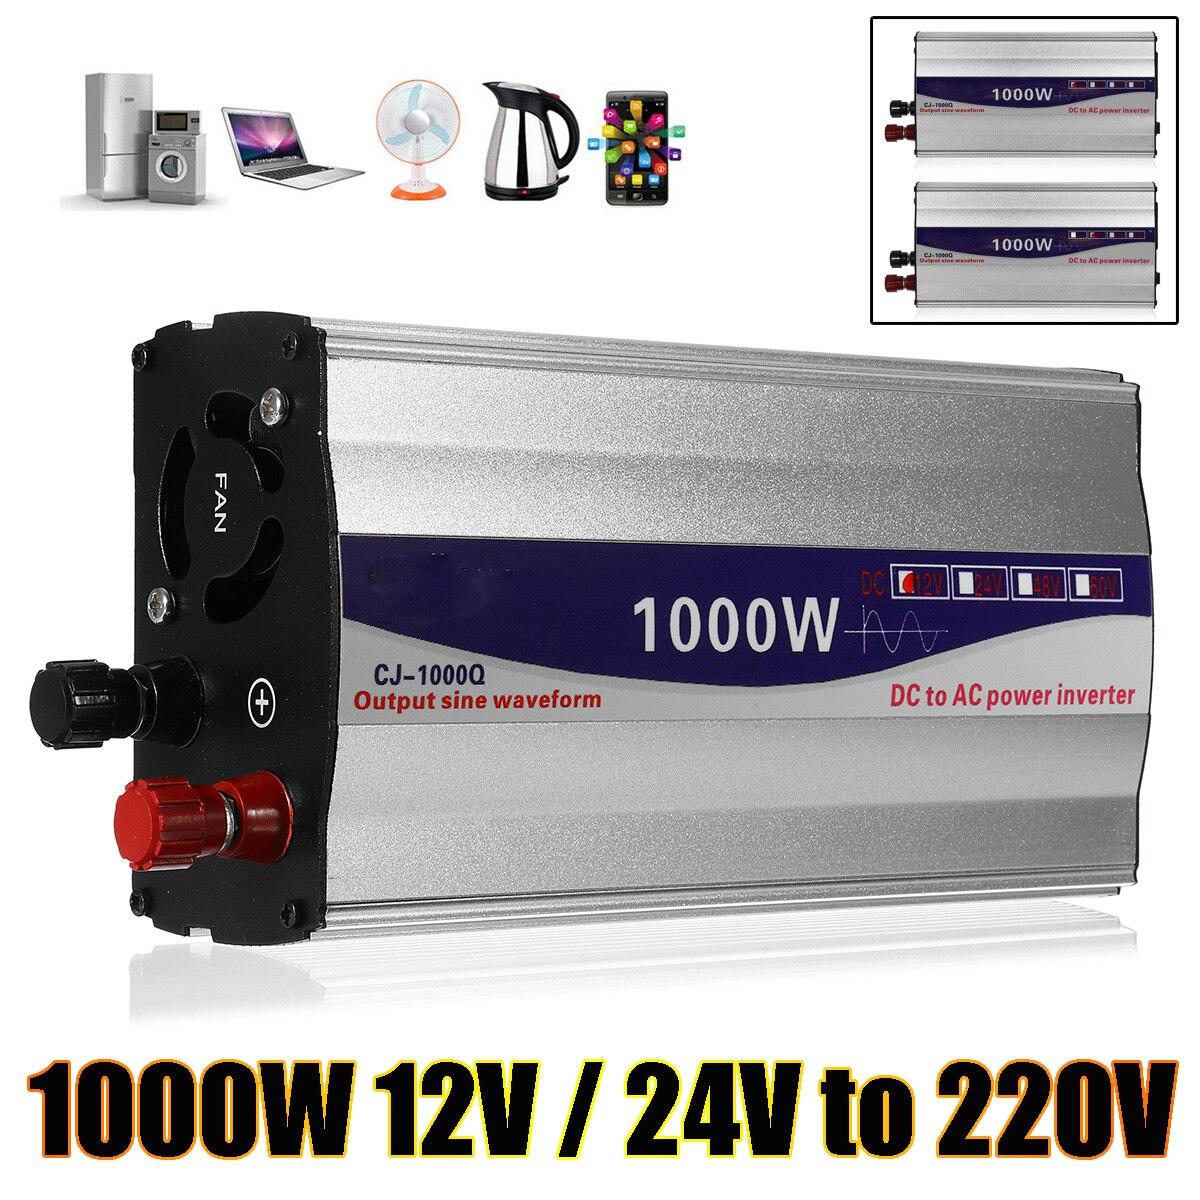 1000 W Power Inverter 12 V/24 V Reine Sinus Welle USB zu AC 220 V Power Inverter Power versorgung für Auto Haushalts Geräte